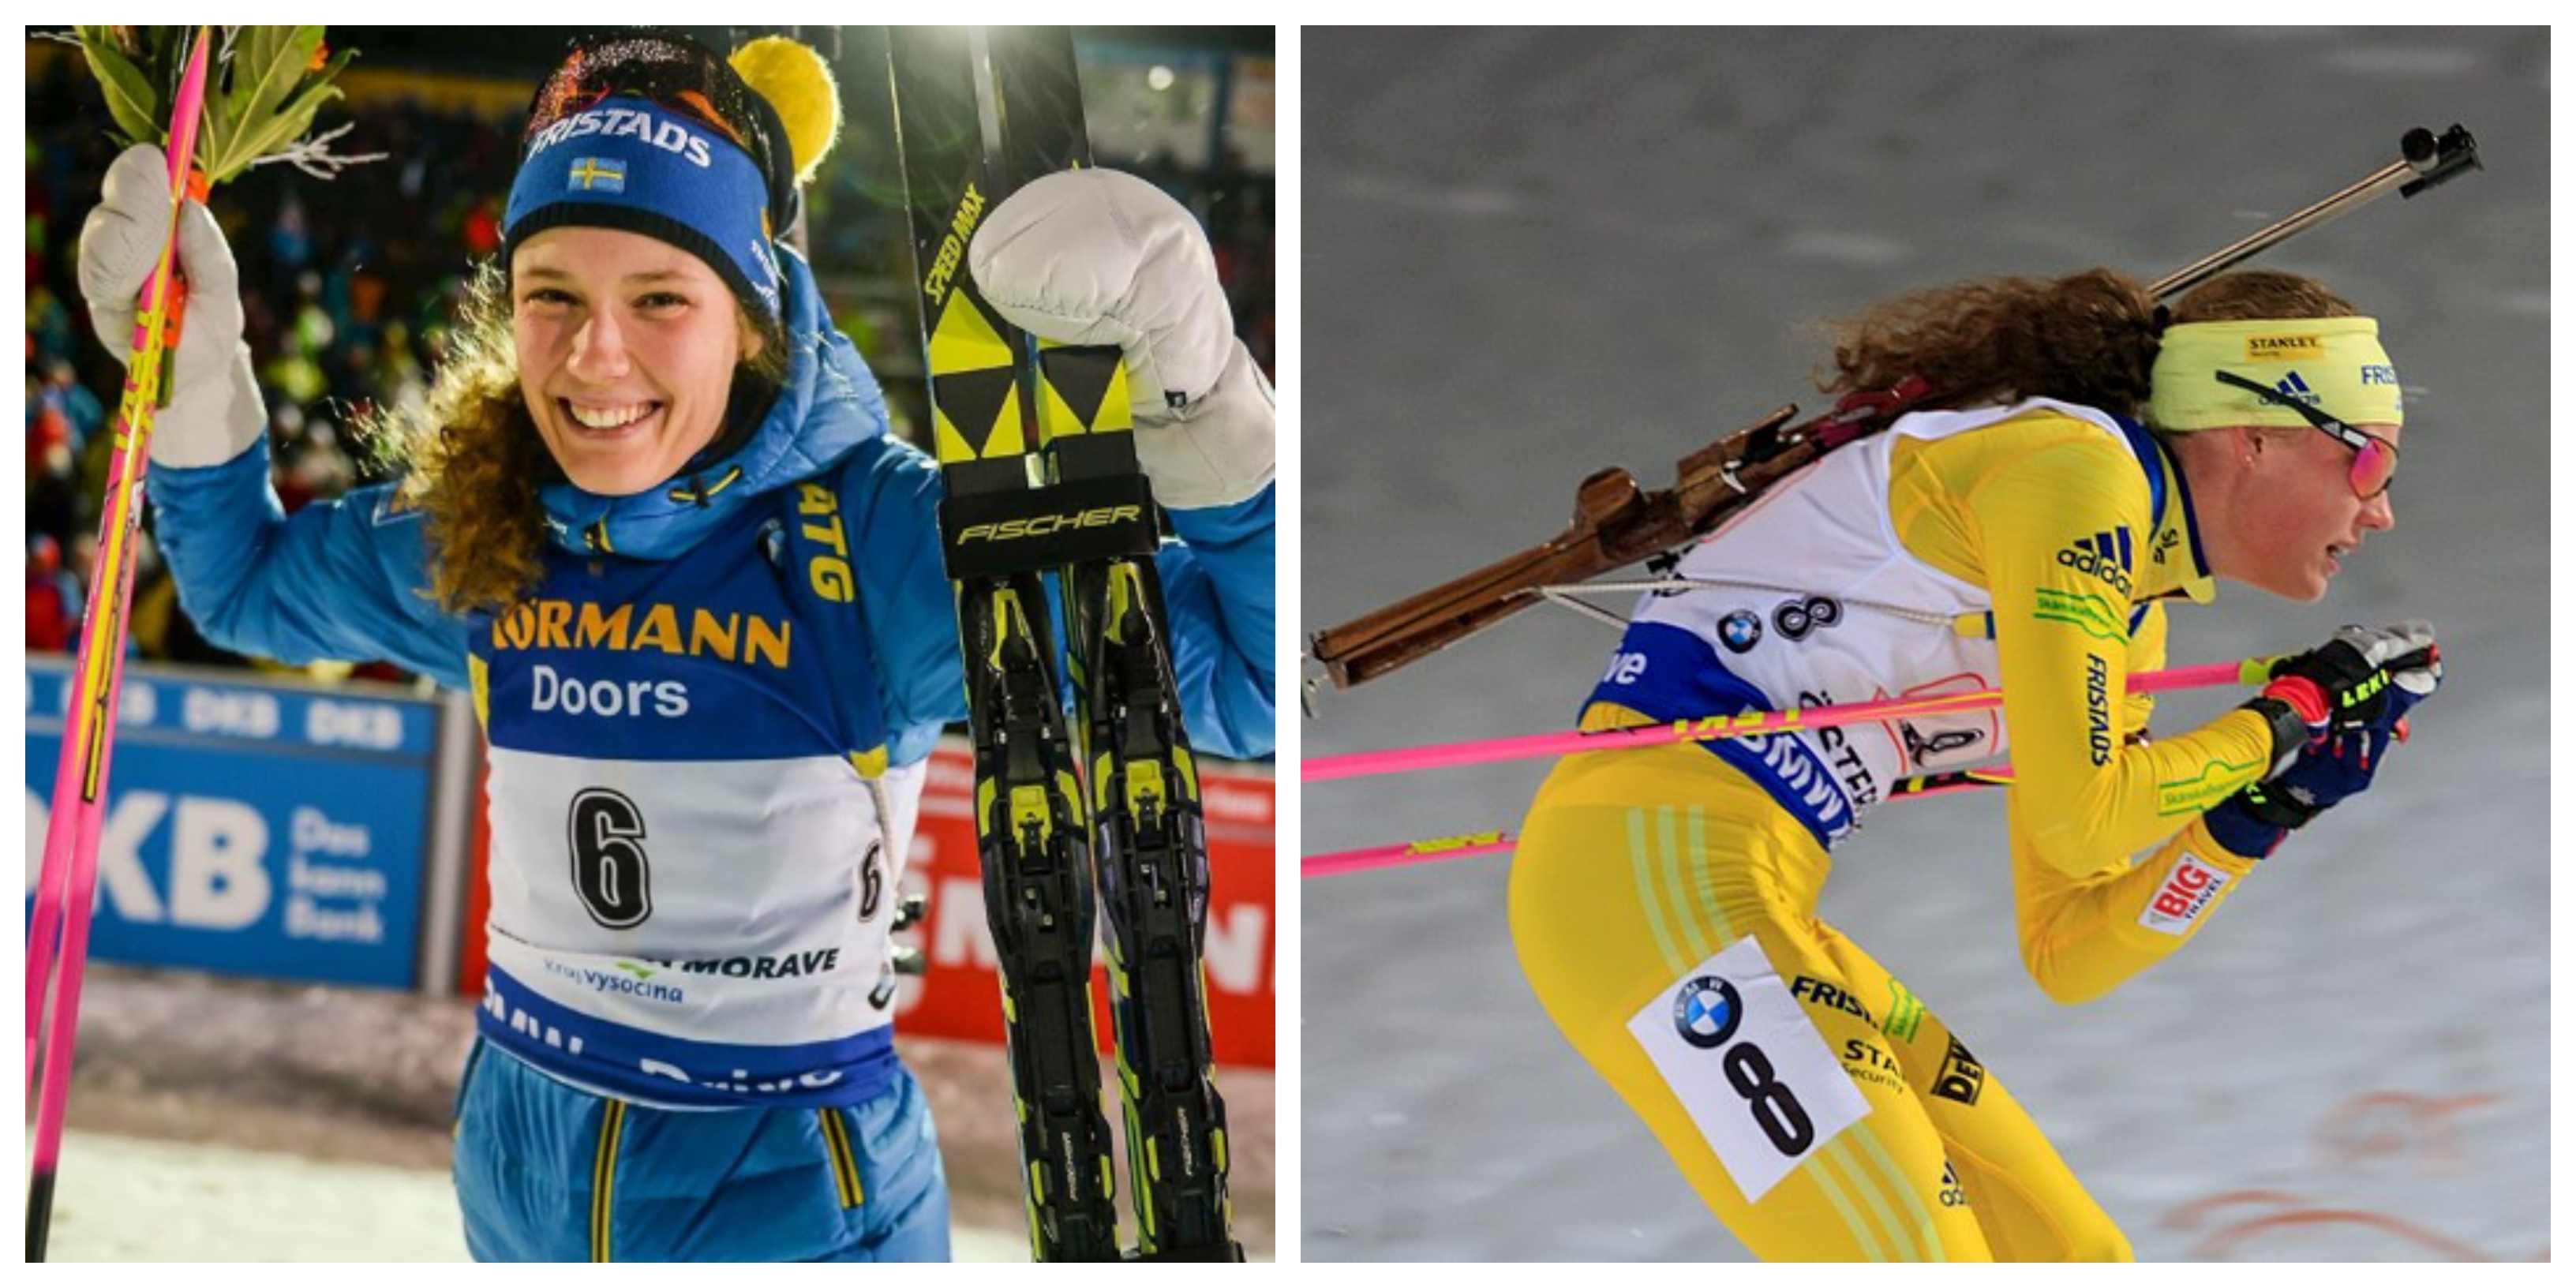 Svenska stjärnskottet Hanna Öberg VM-debuterar   Aftonbladet